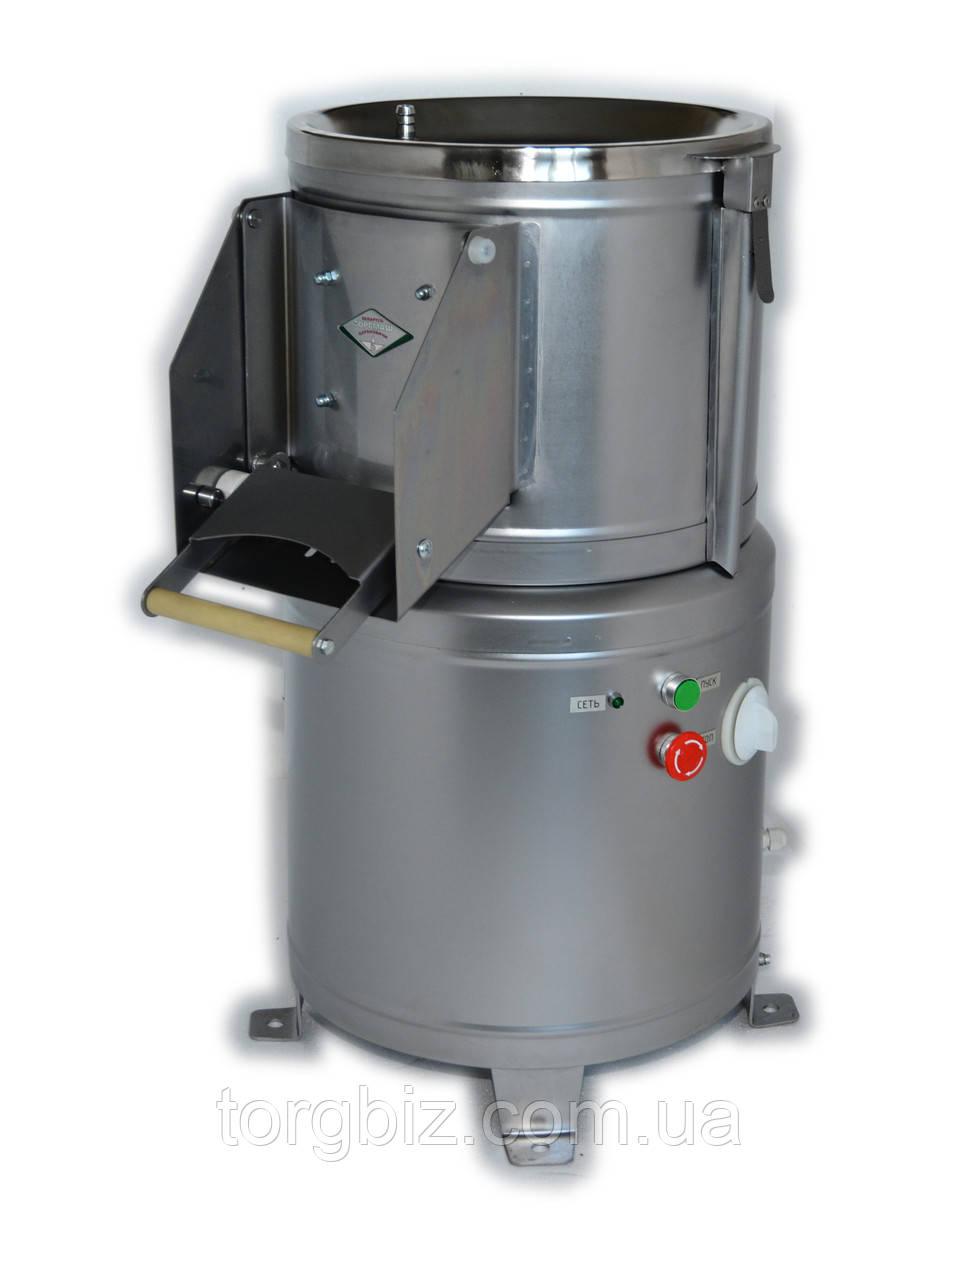 Машина  очистки овощей МОО-1-01 ТОРГМАШ (Картофелечиска МОК150У)